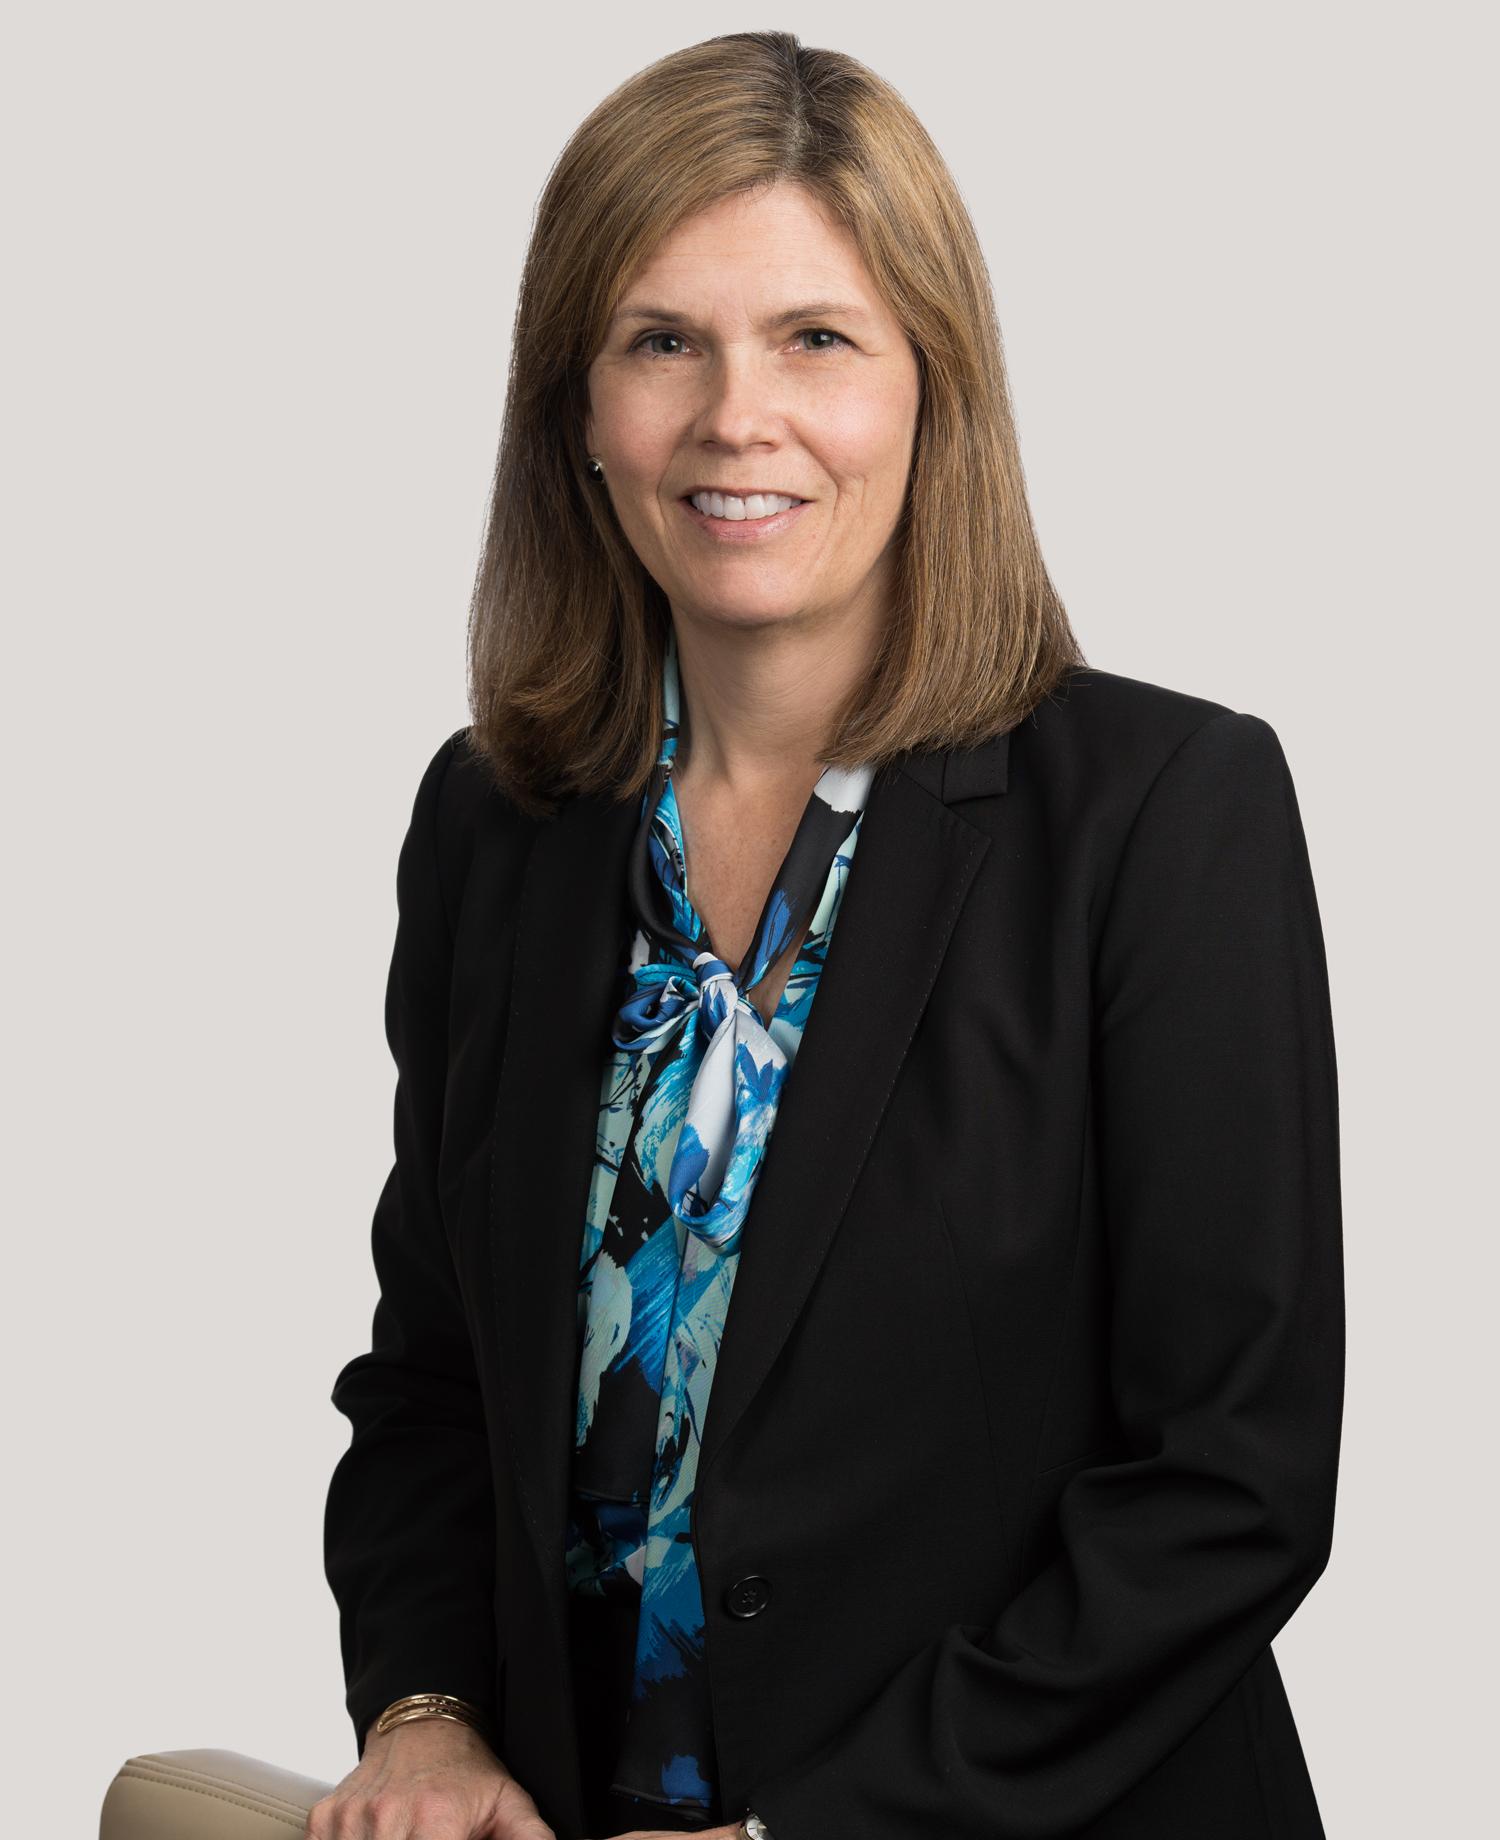 Kathleen C. Ryan